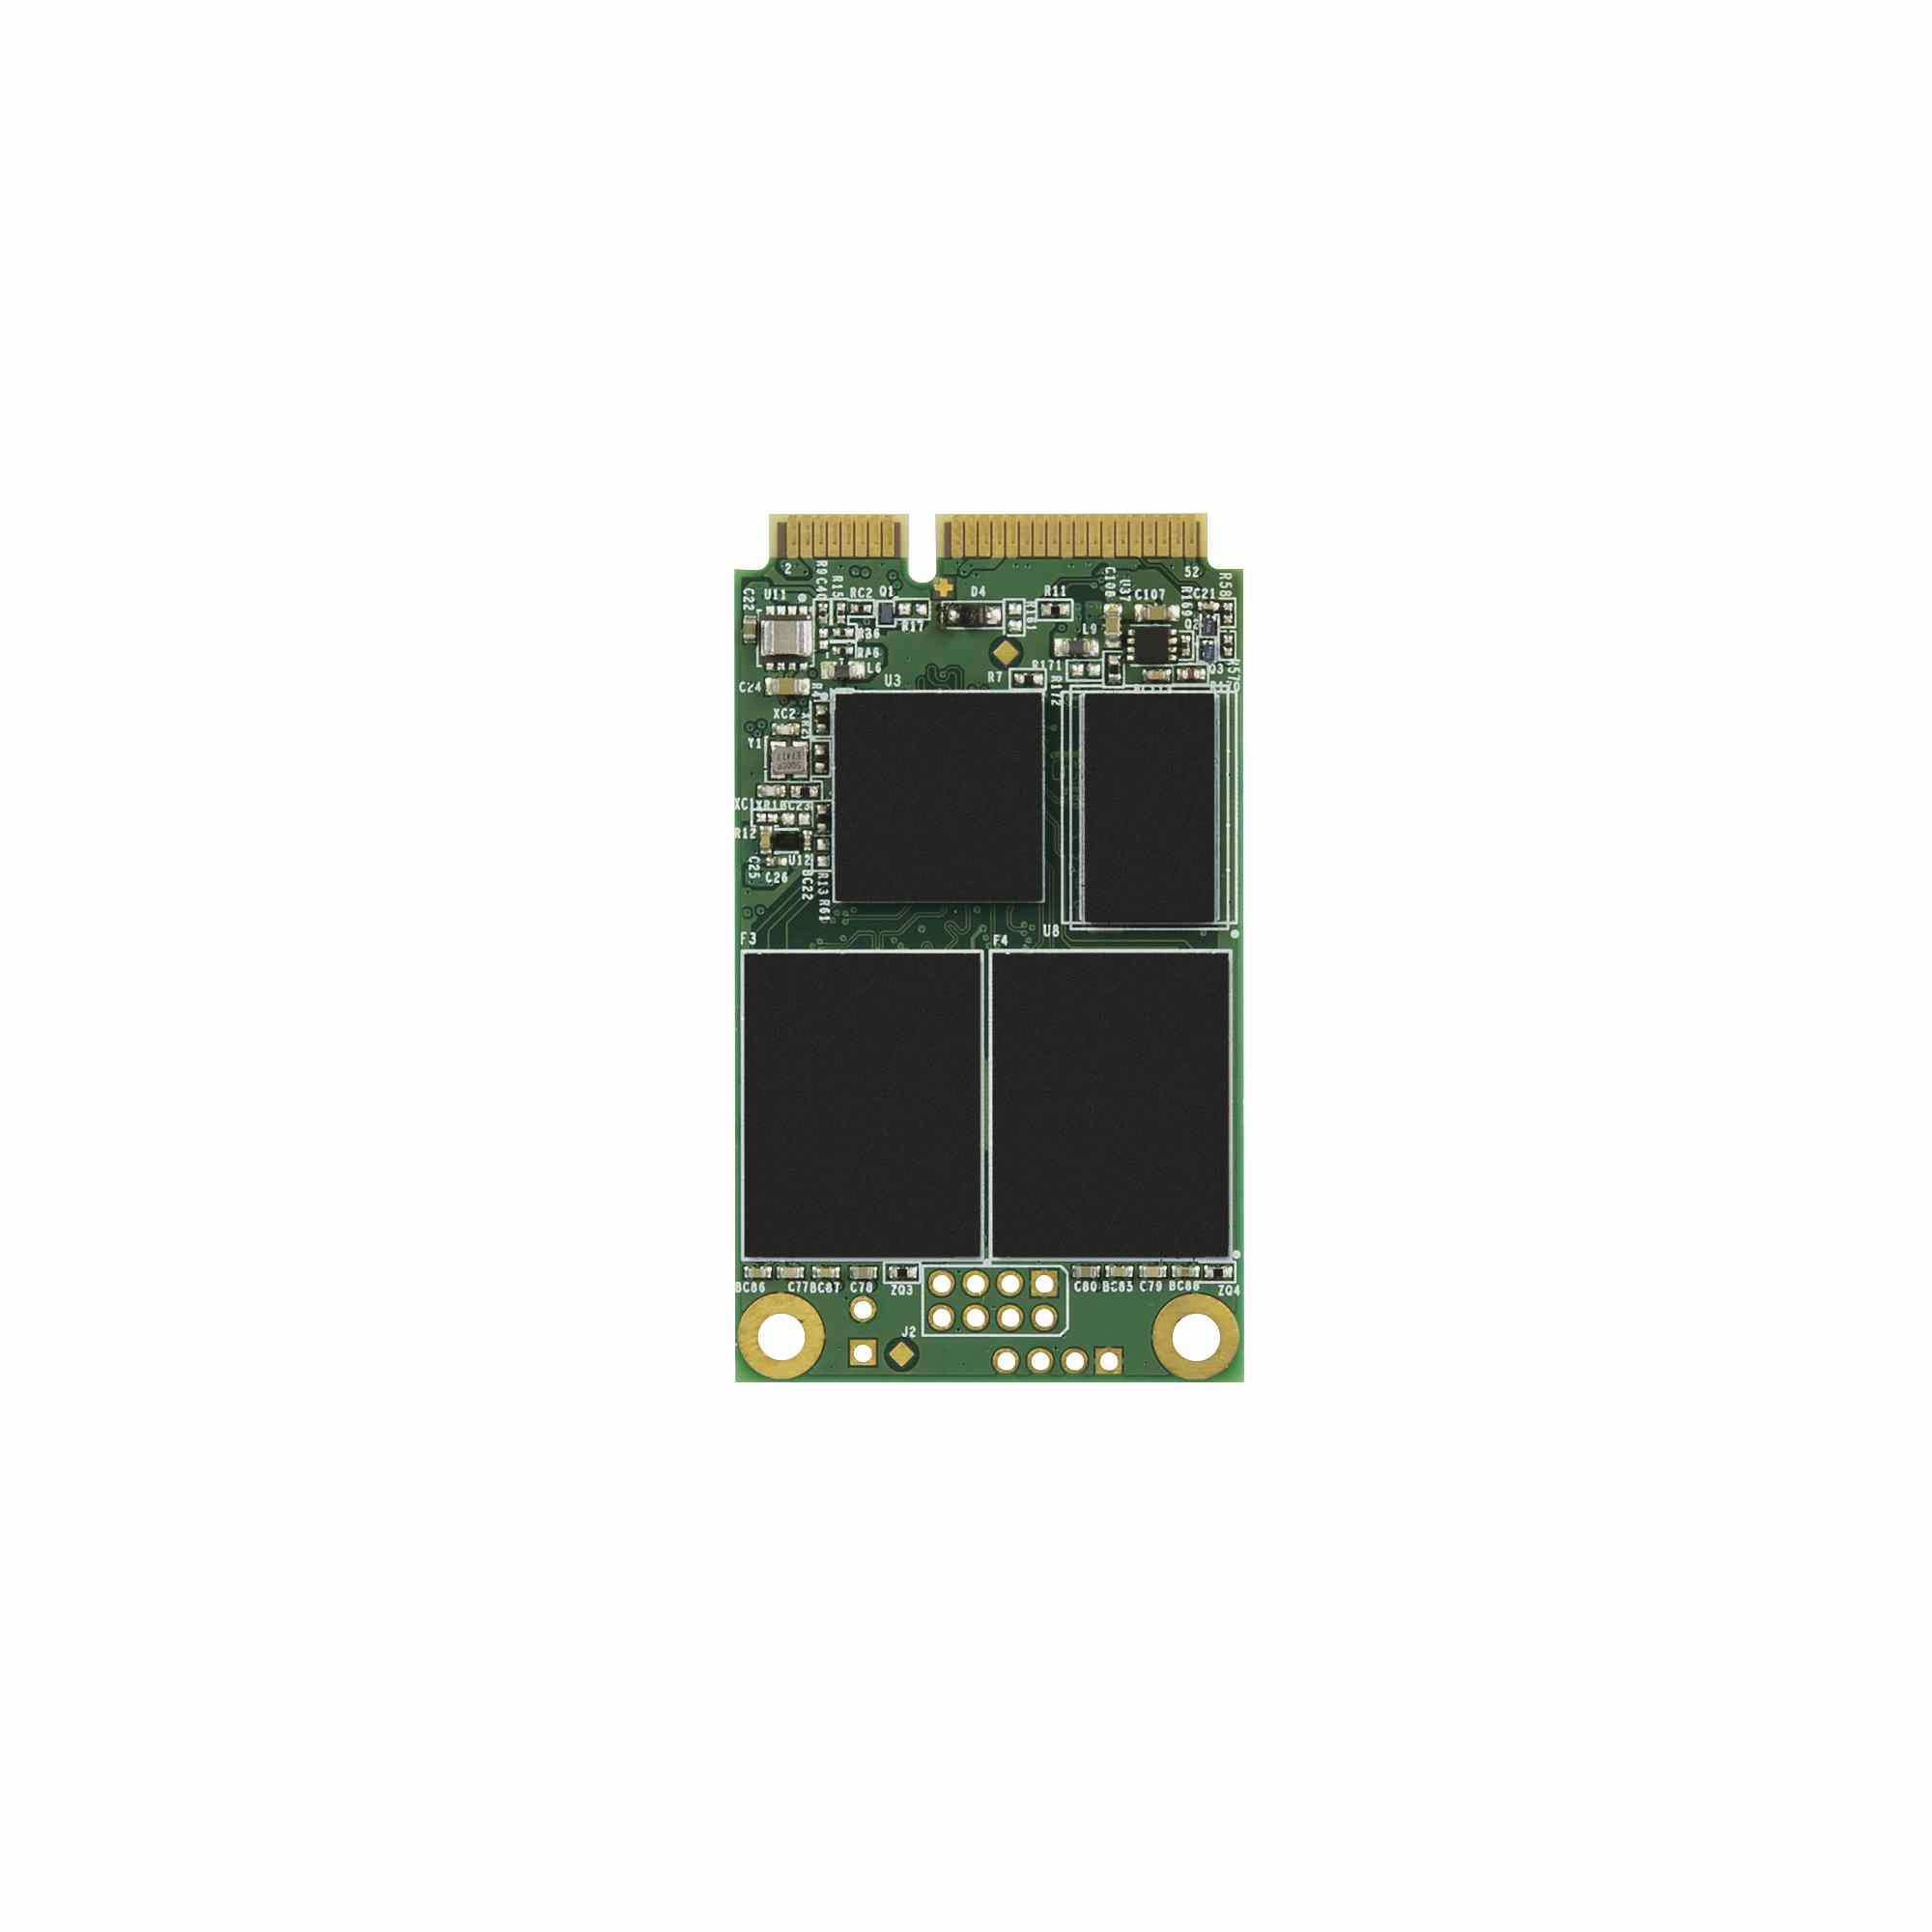 TRANSCEND Industrial SSD MSA230S, 256GB, mSATA, SATA III, 3D TLC